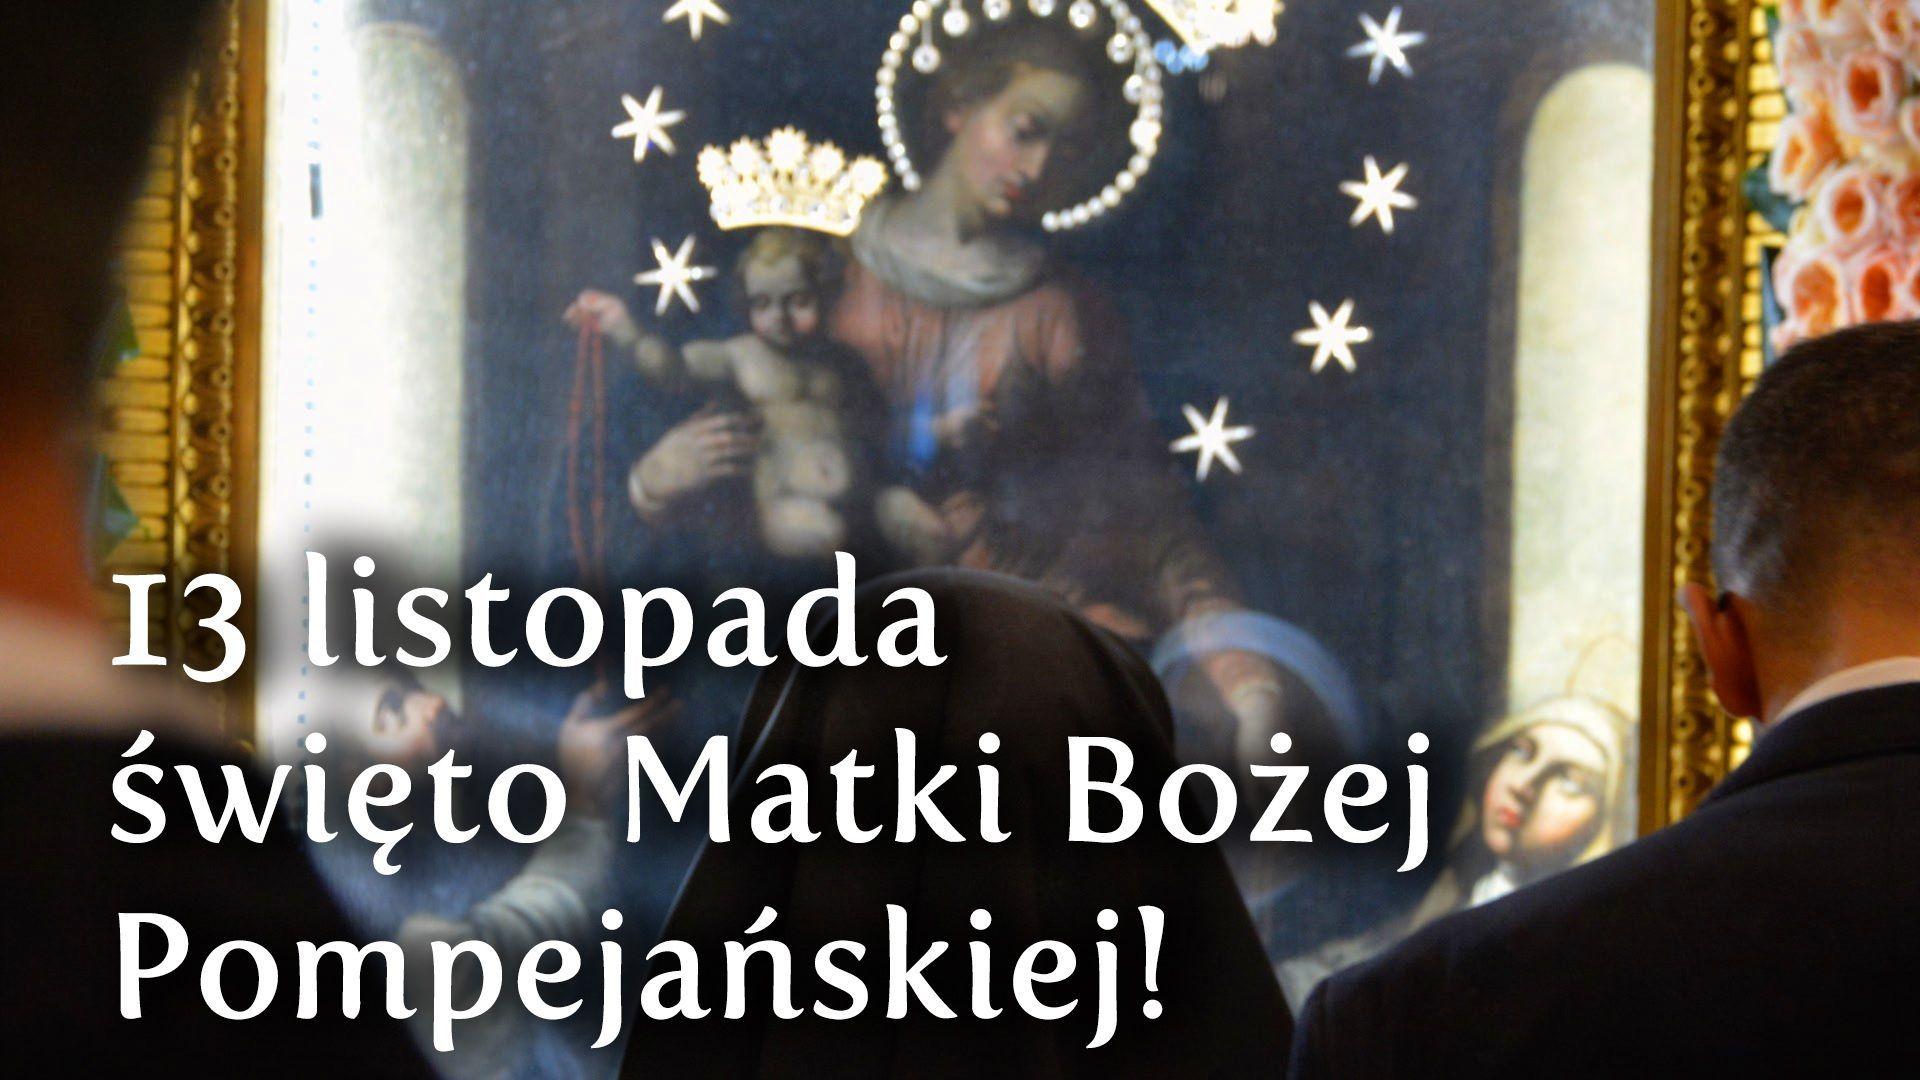 13 listopada – ważna rocznica dla czcicieli Matki Bożej Pompejańskiej!